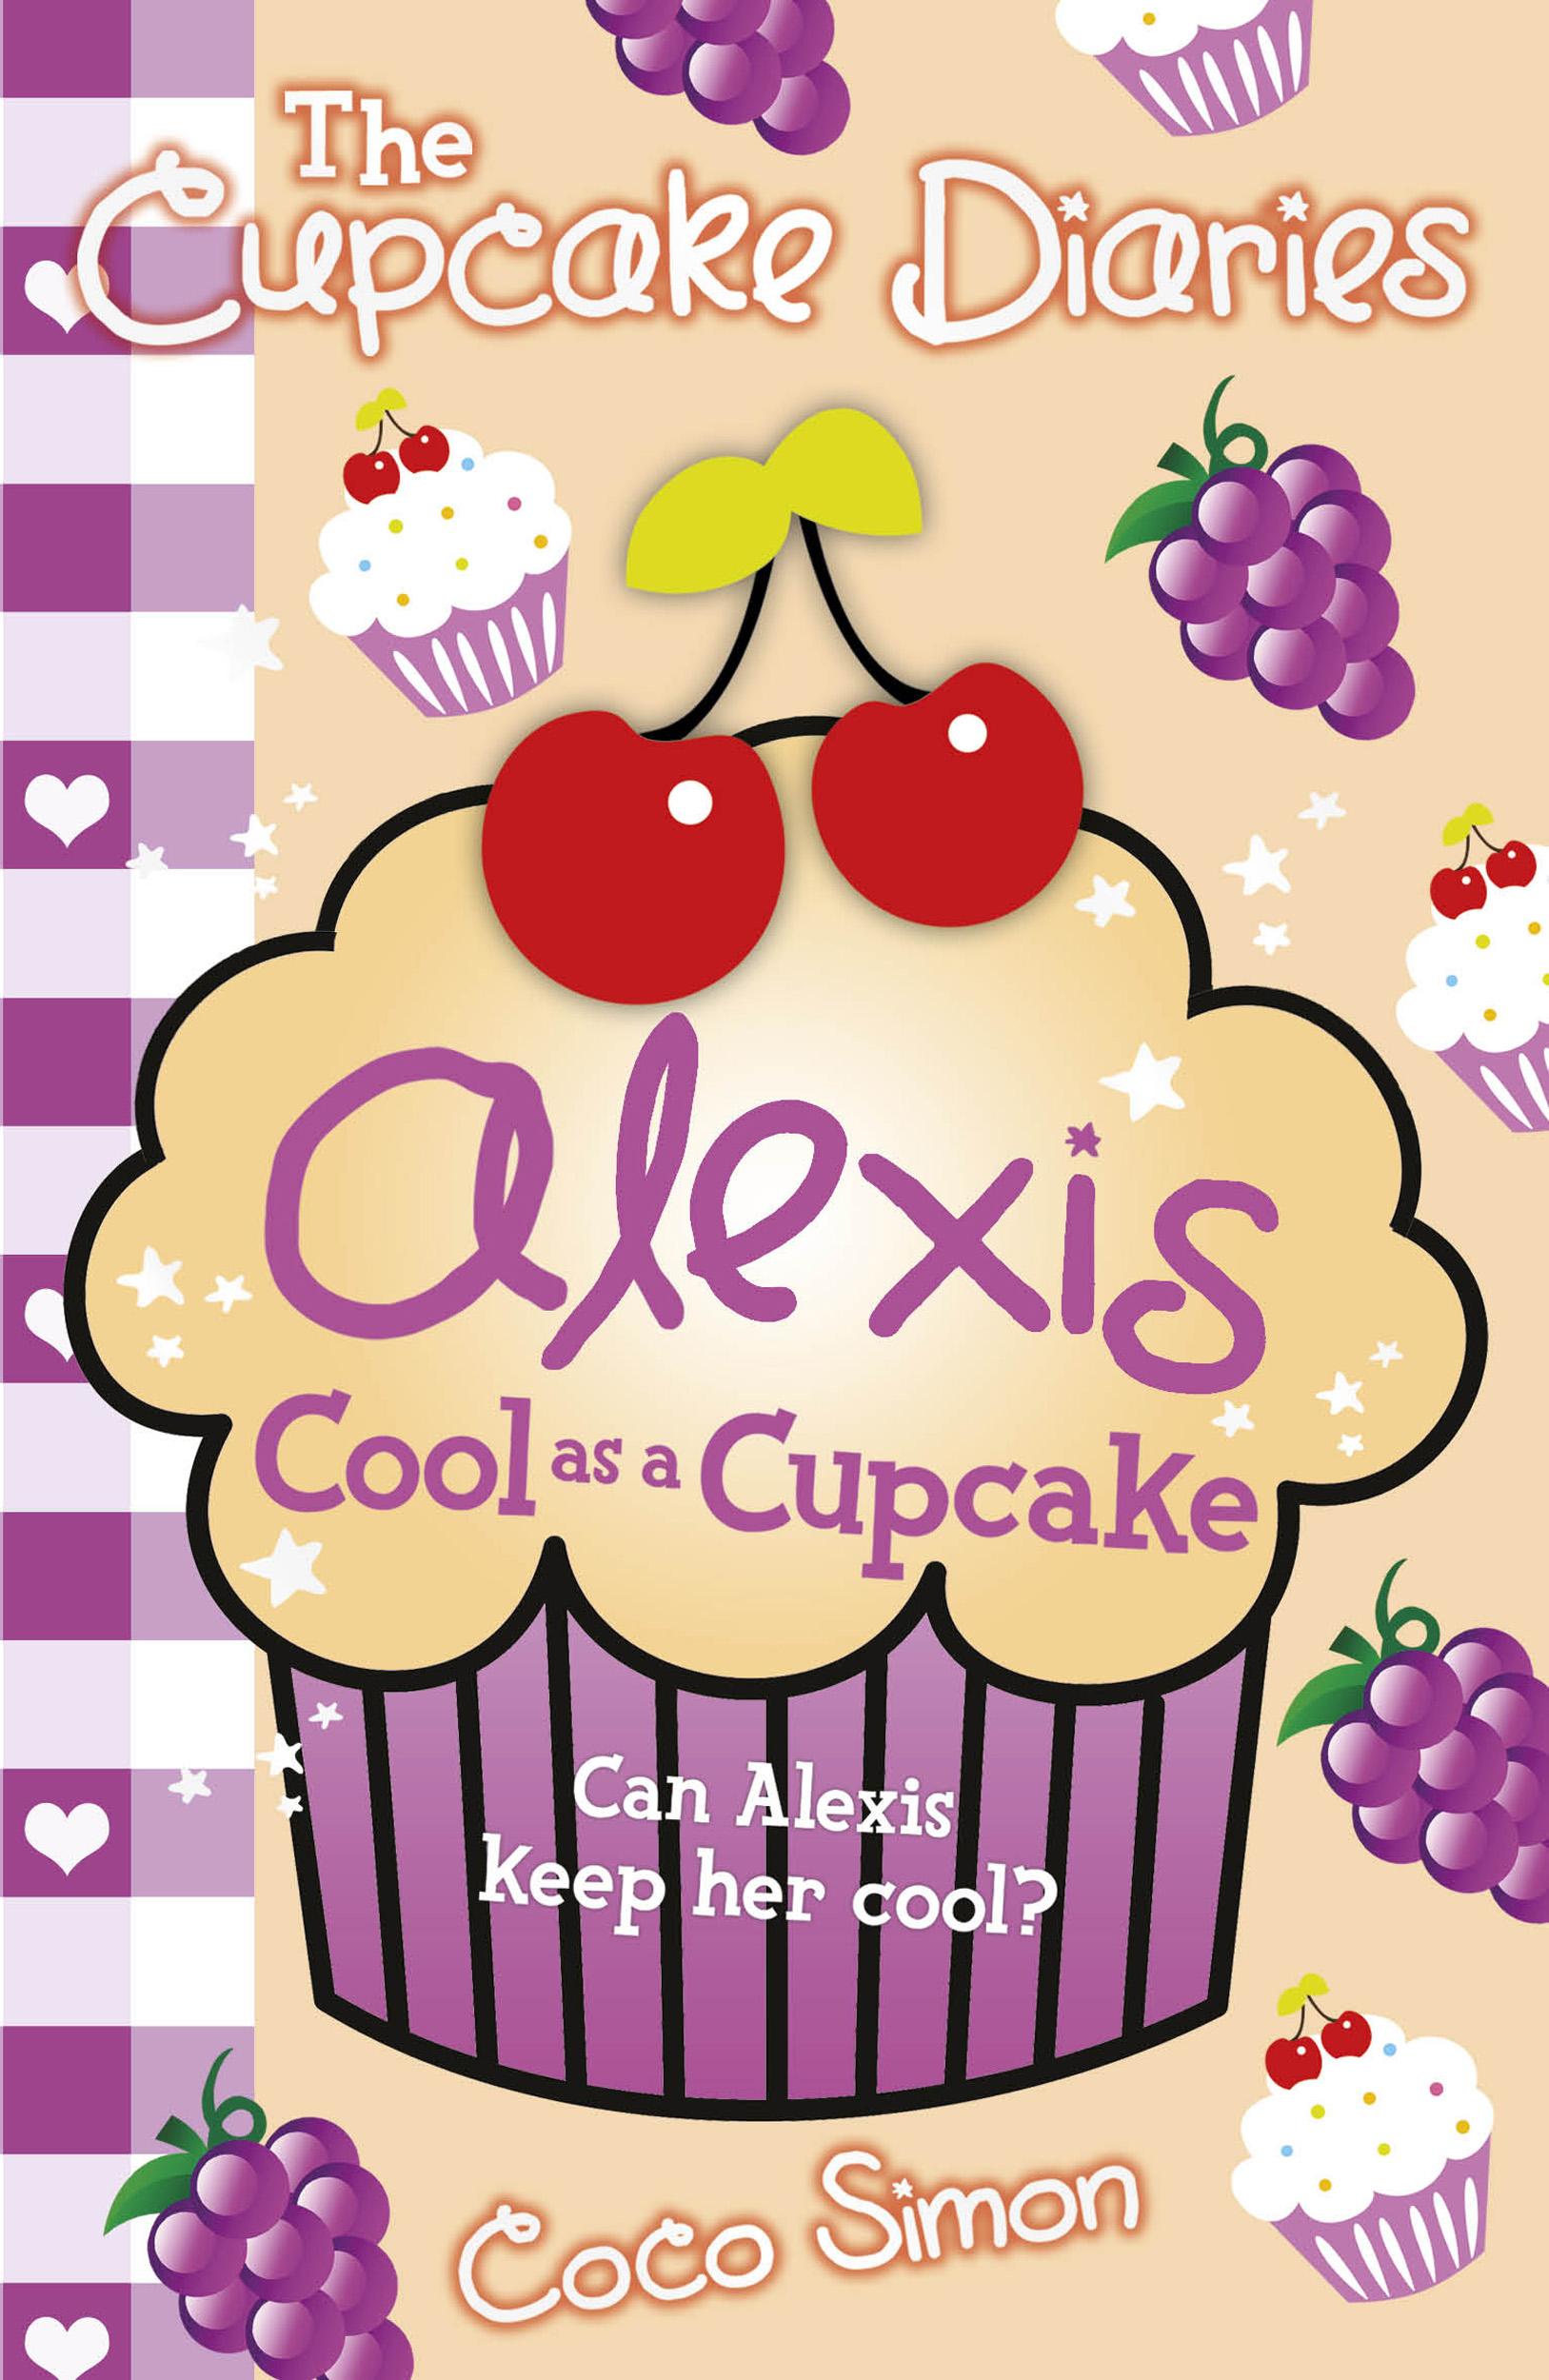 Cupcake diaries